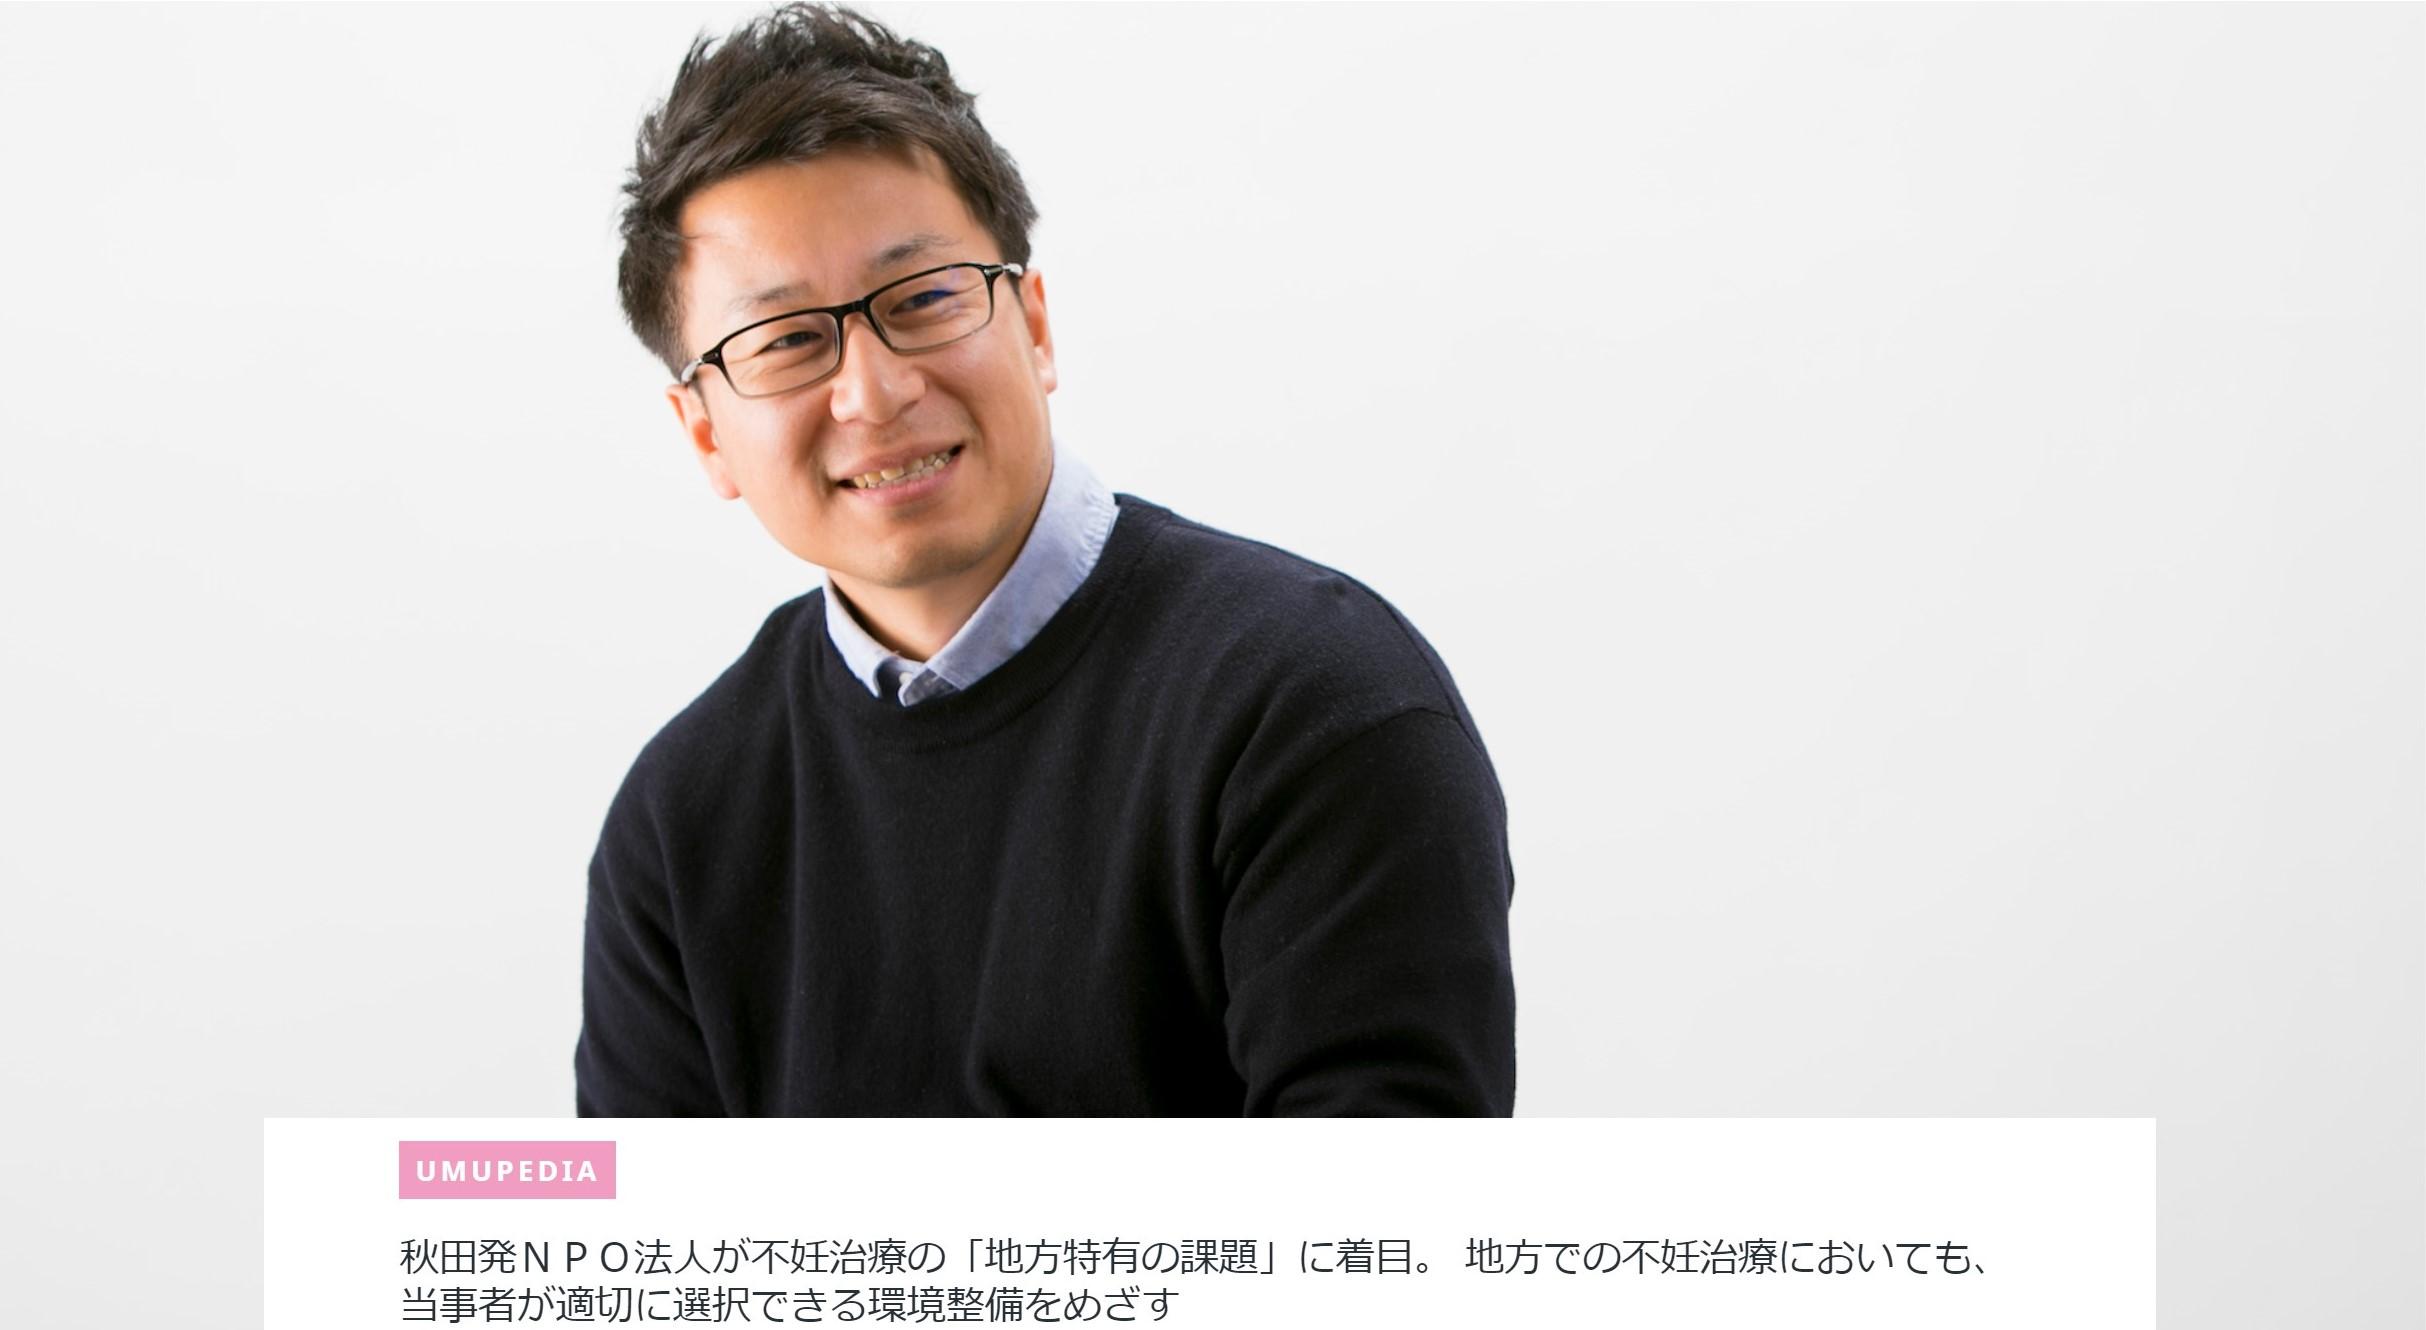 ウェブメディア「UMU」にてインタビュー記事が掲載されました。